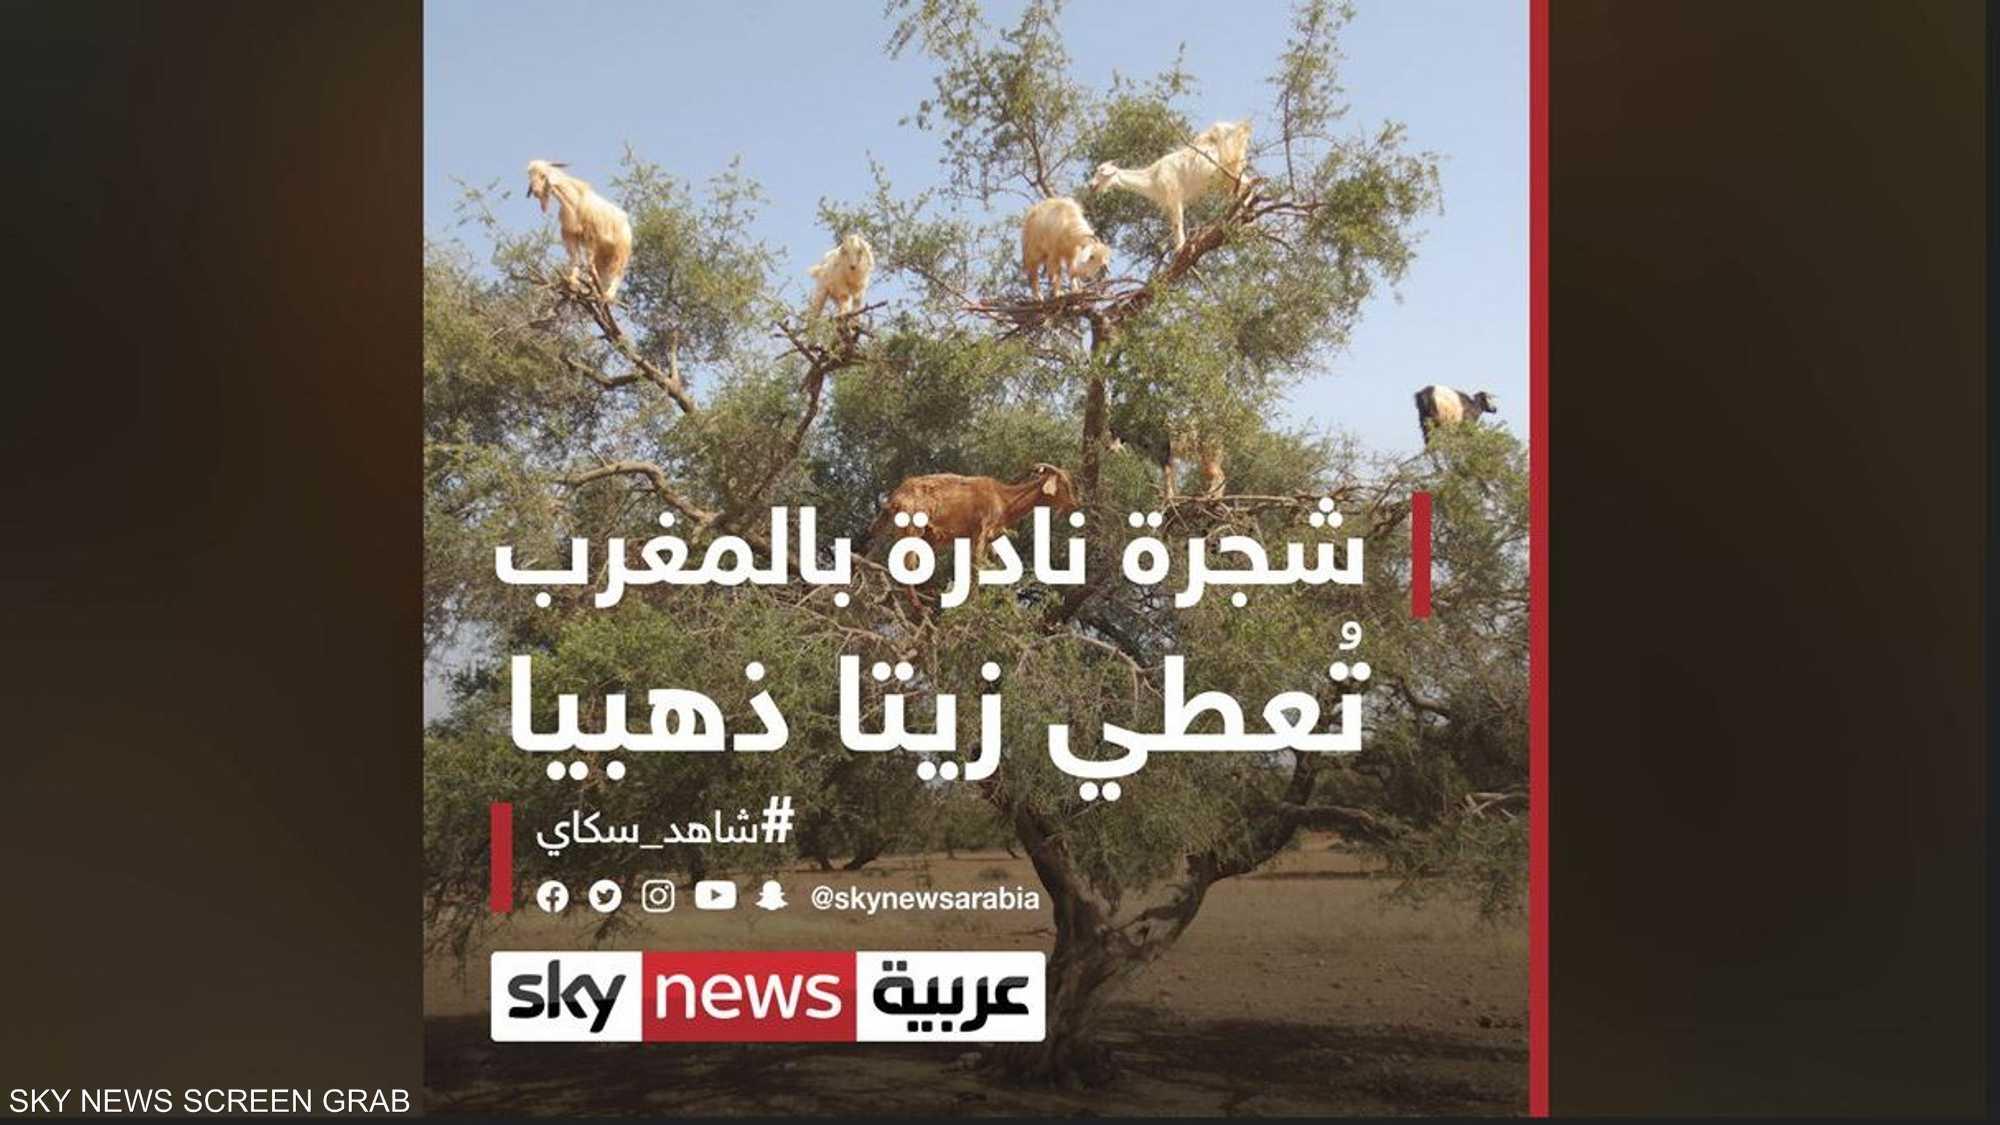 شجرة نادرة بالمغرب تُعطي زيتا ذهبيا